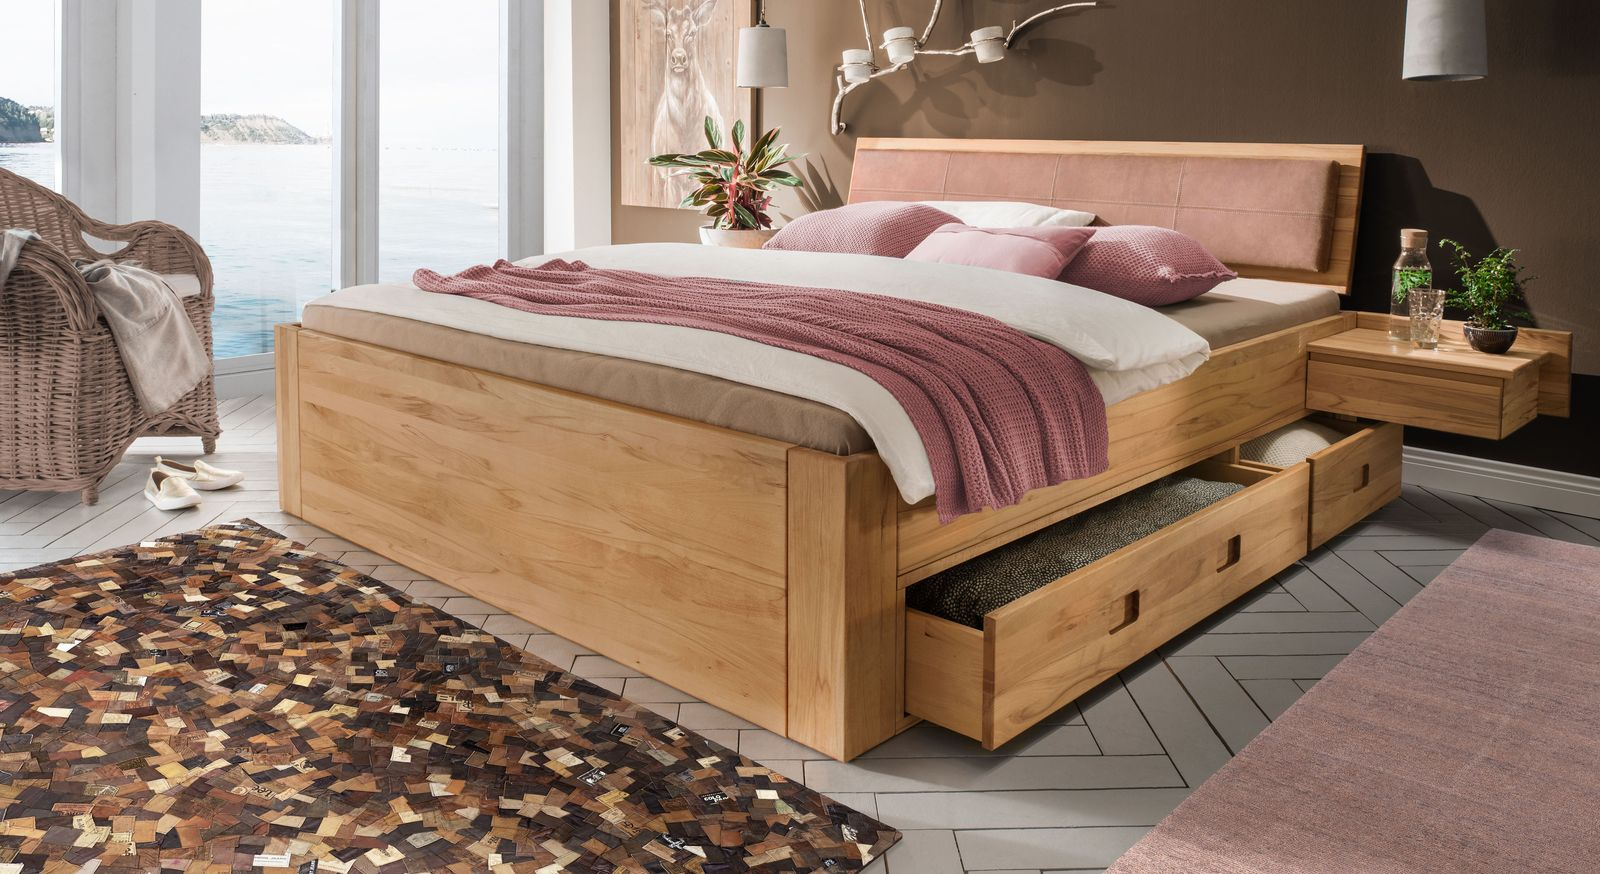 Schubkasten-Bett Aurach inklusive Holzkopfteil mit Polster